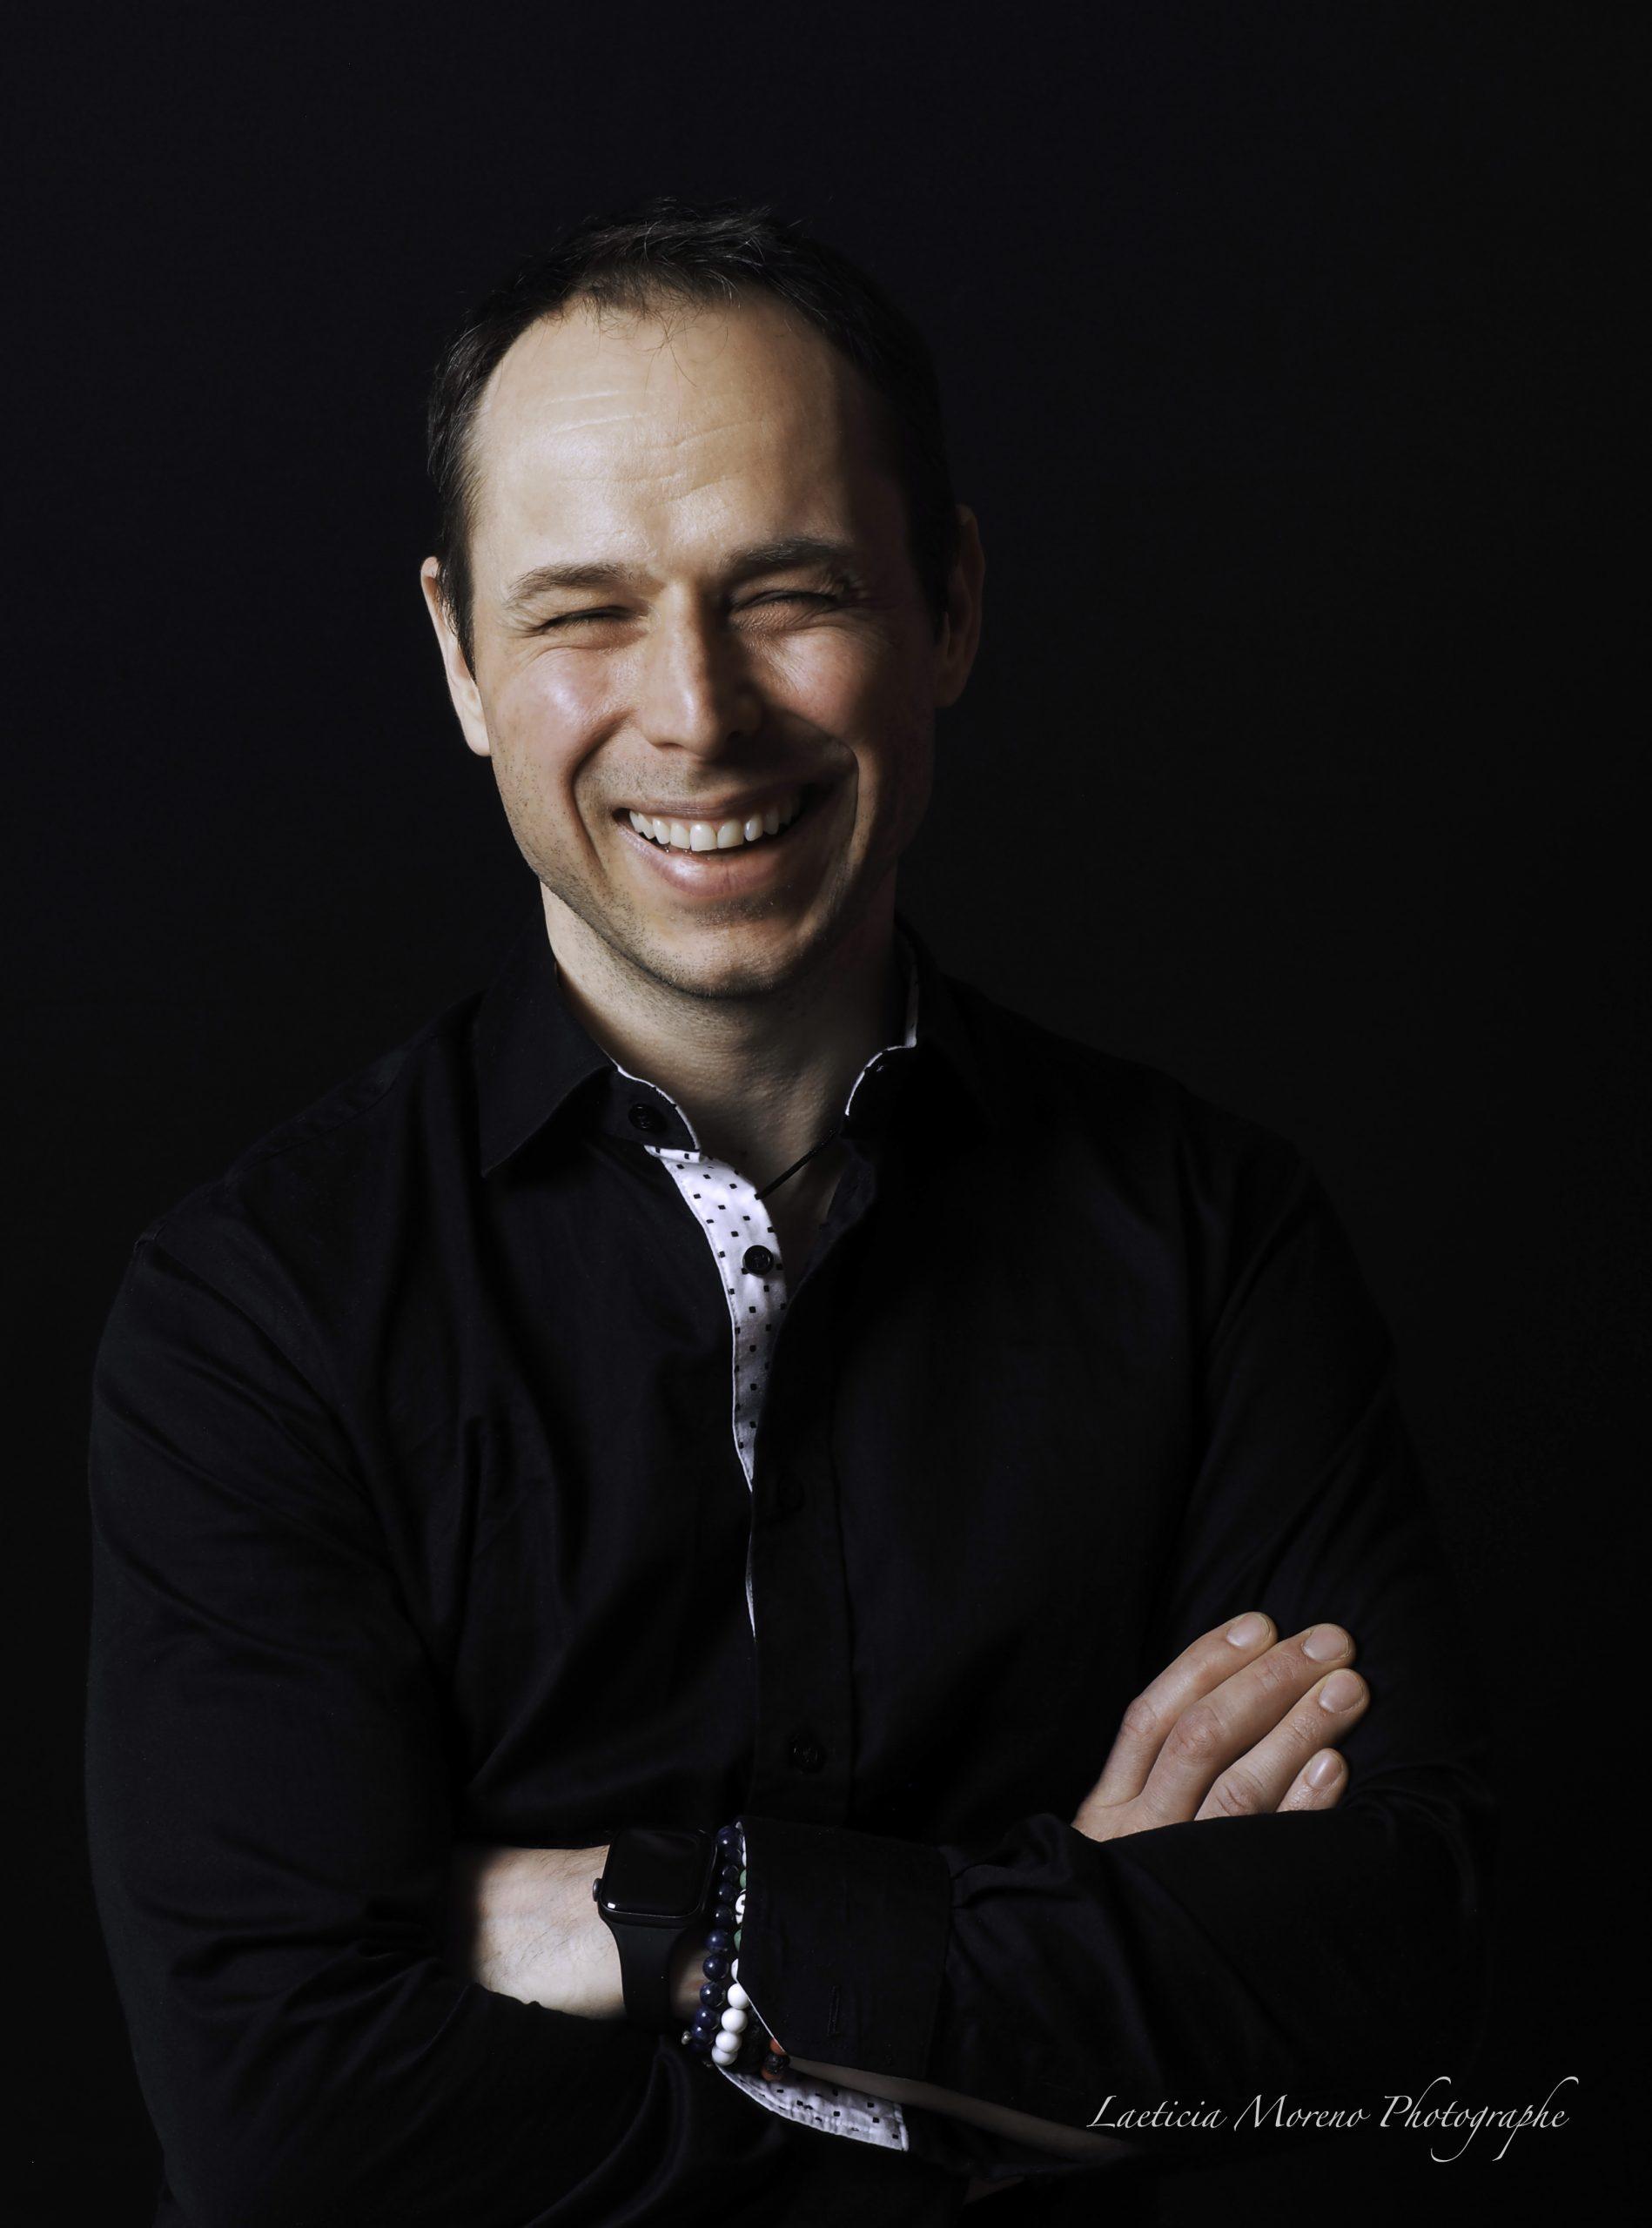 Martin Blais - Casting